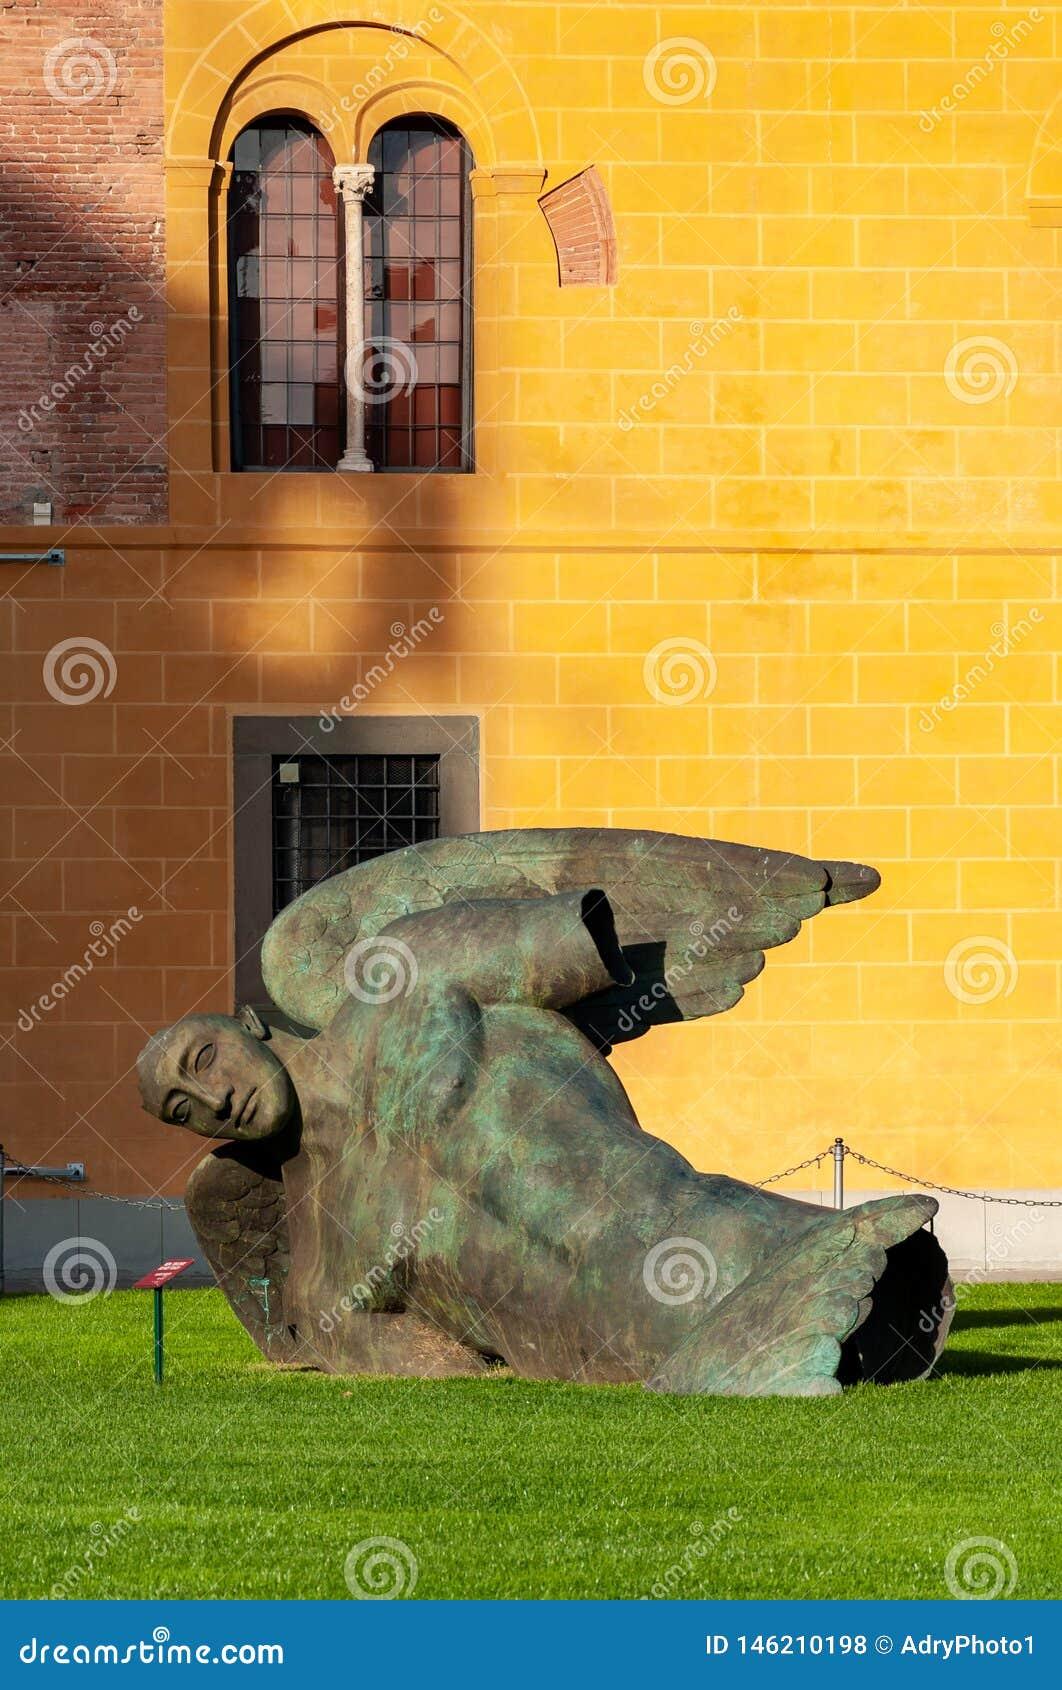 Angel fell in Piazza dei Miracoli in Pisa.